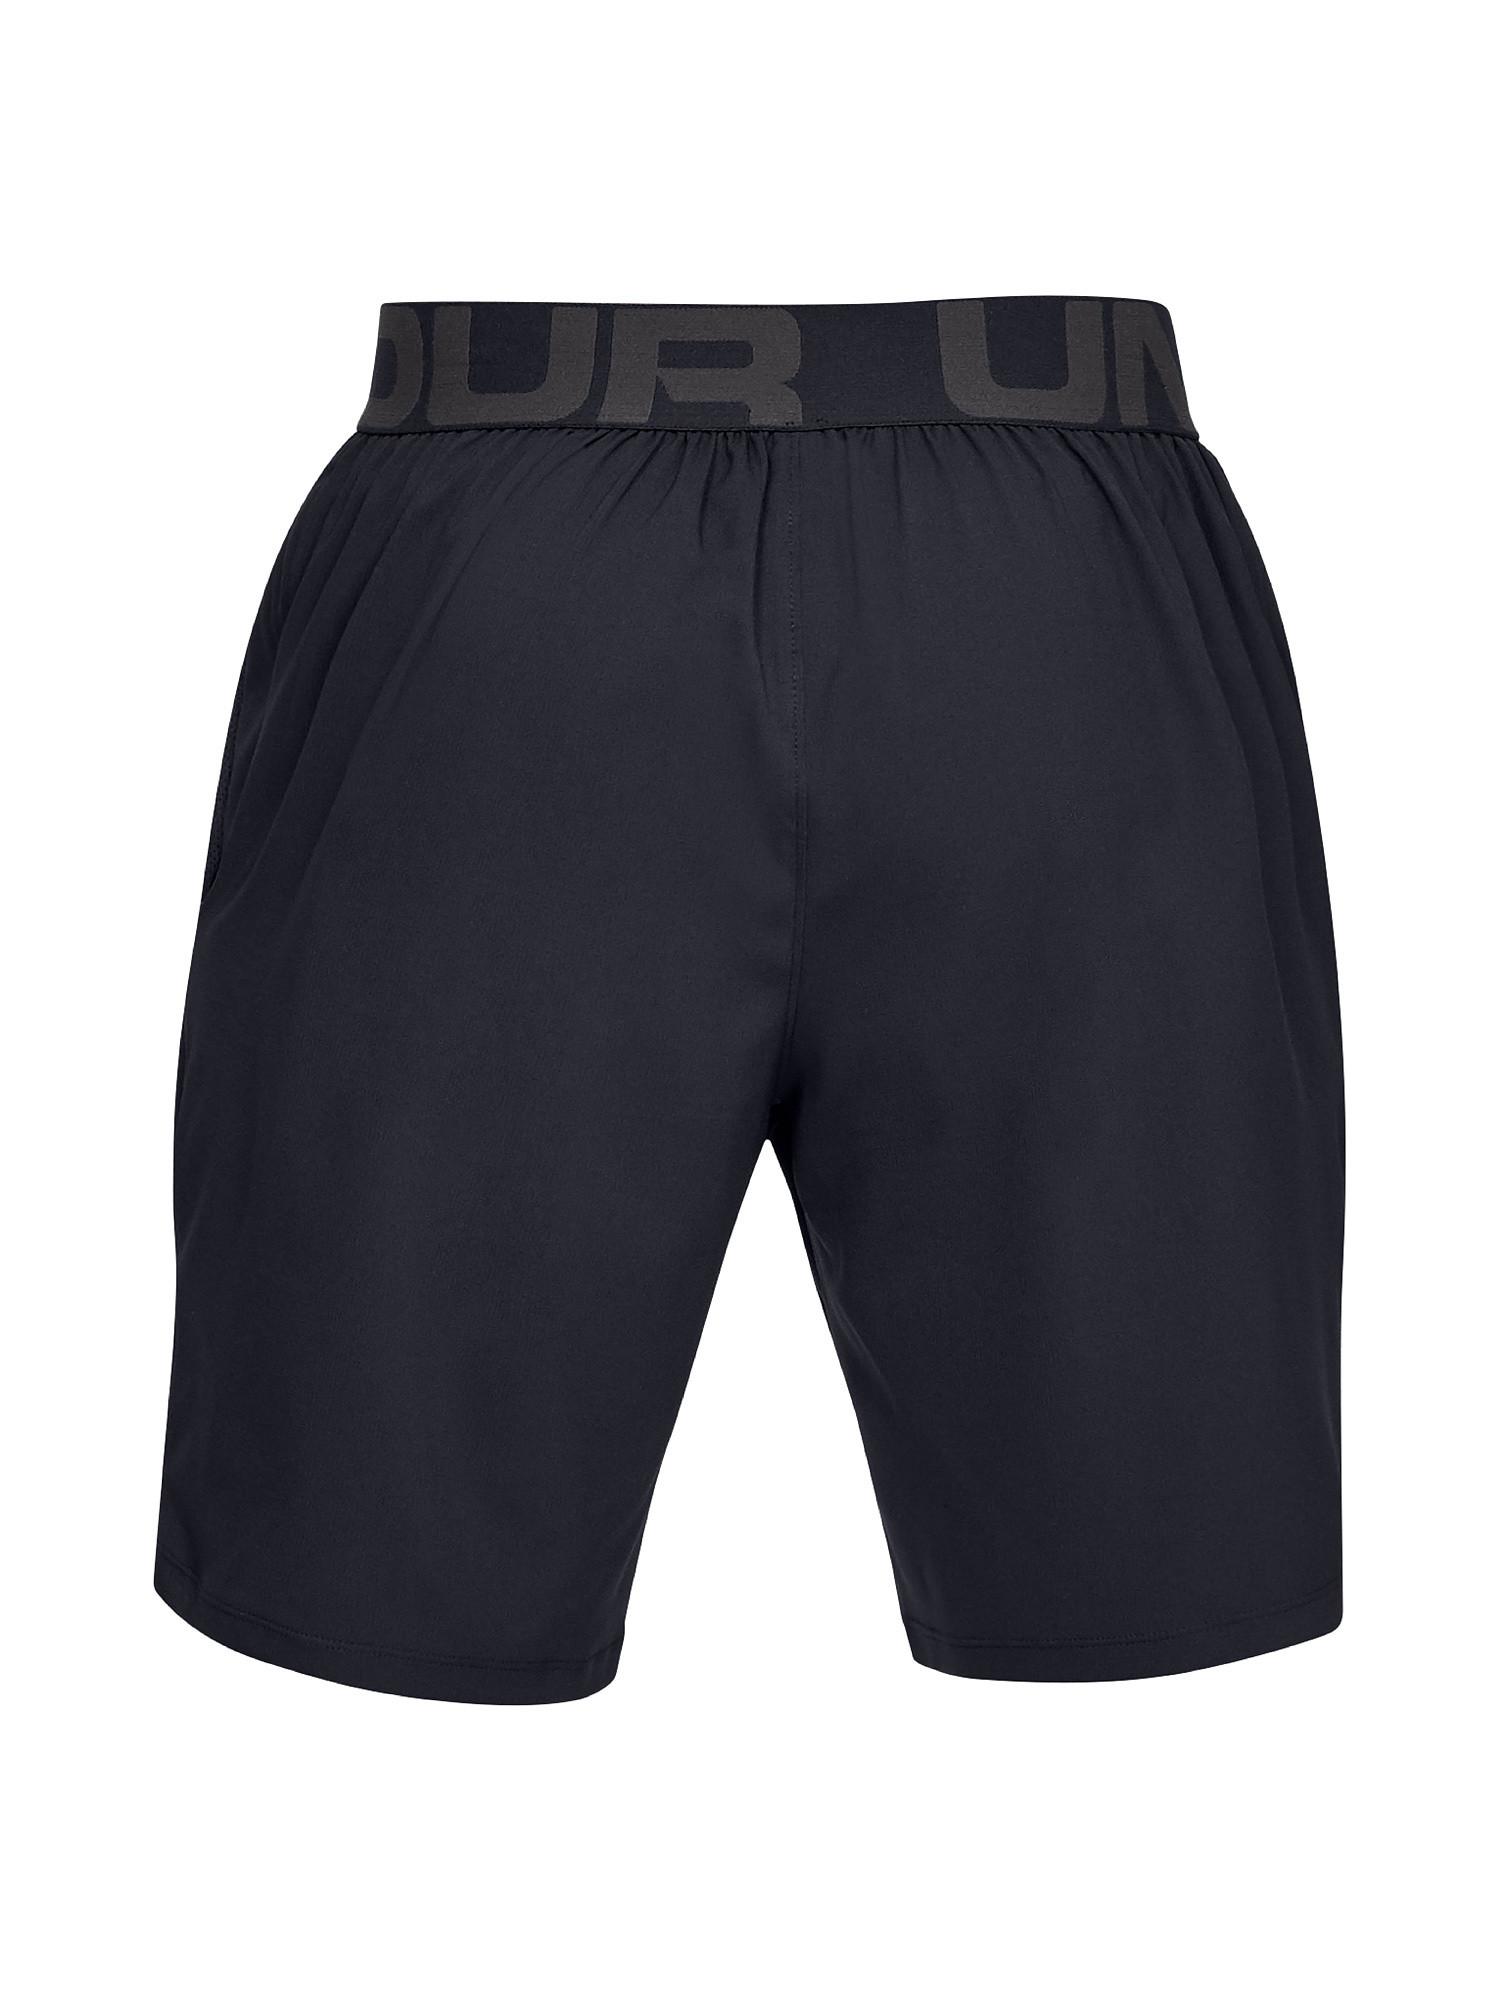 Shorts da uomo, Nero, large image number 0